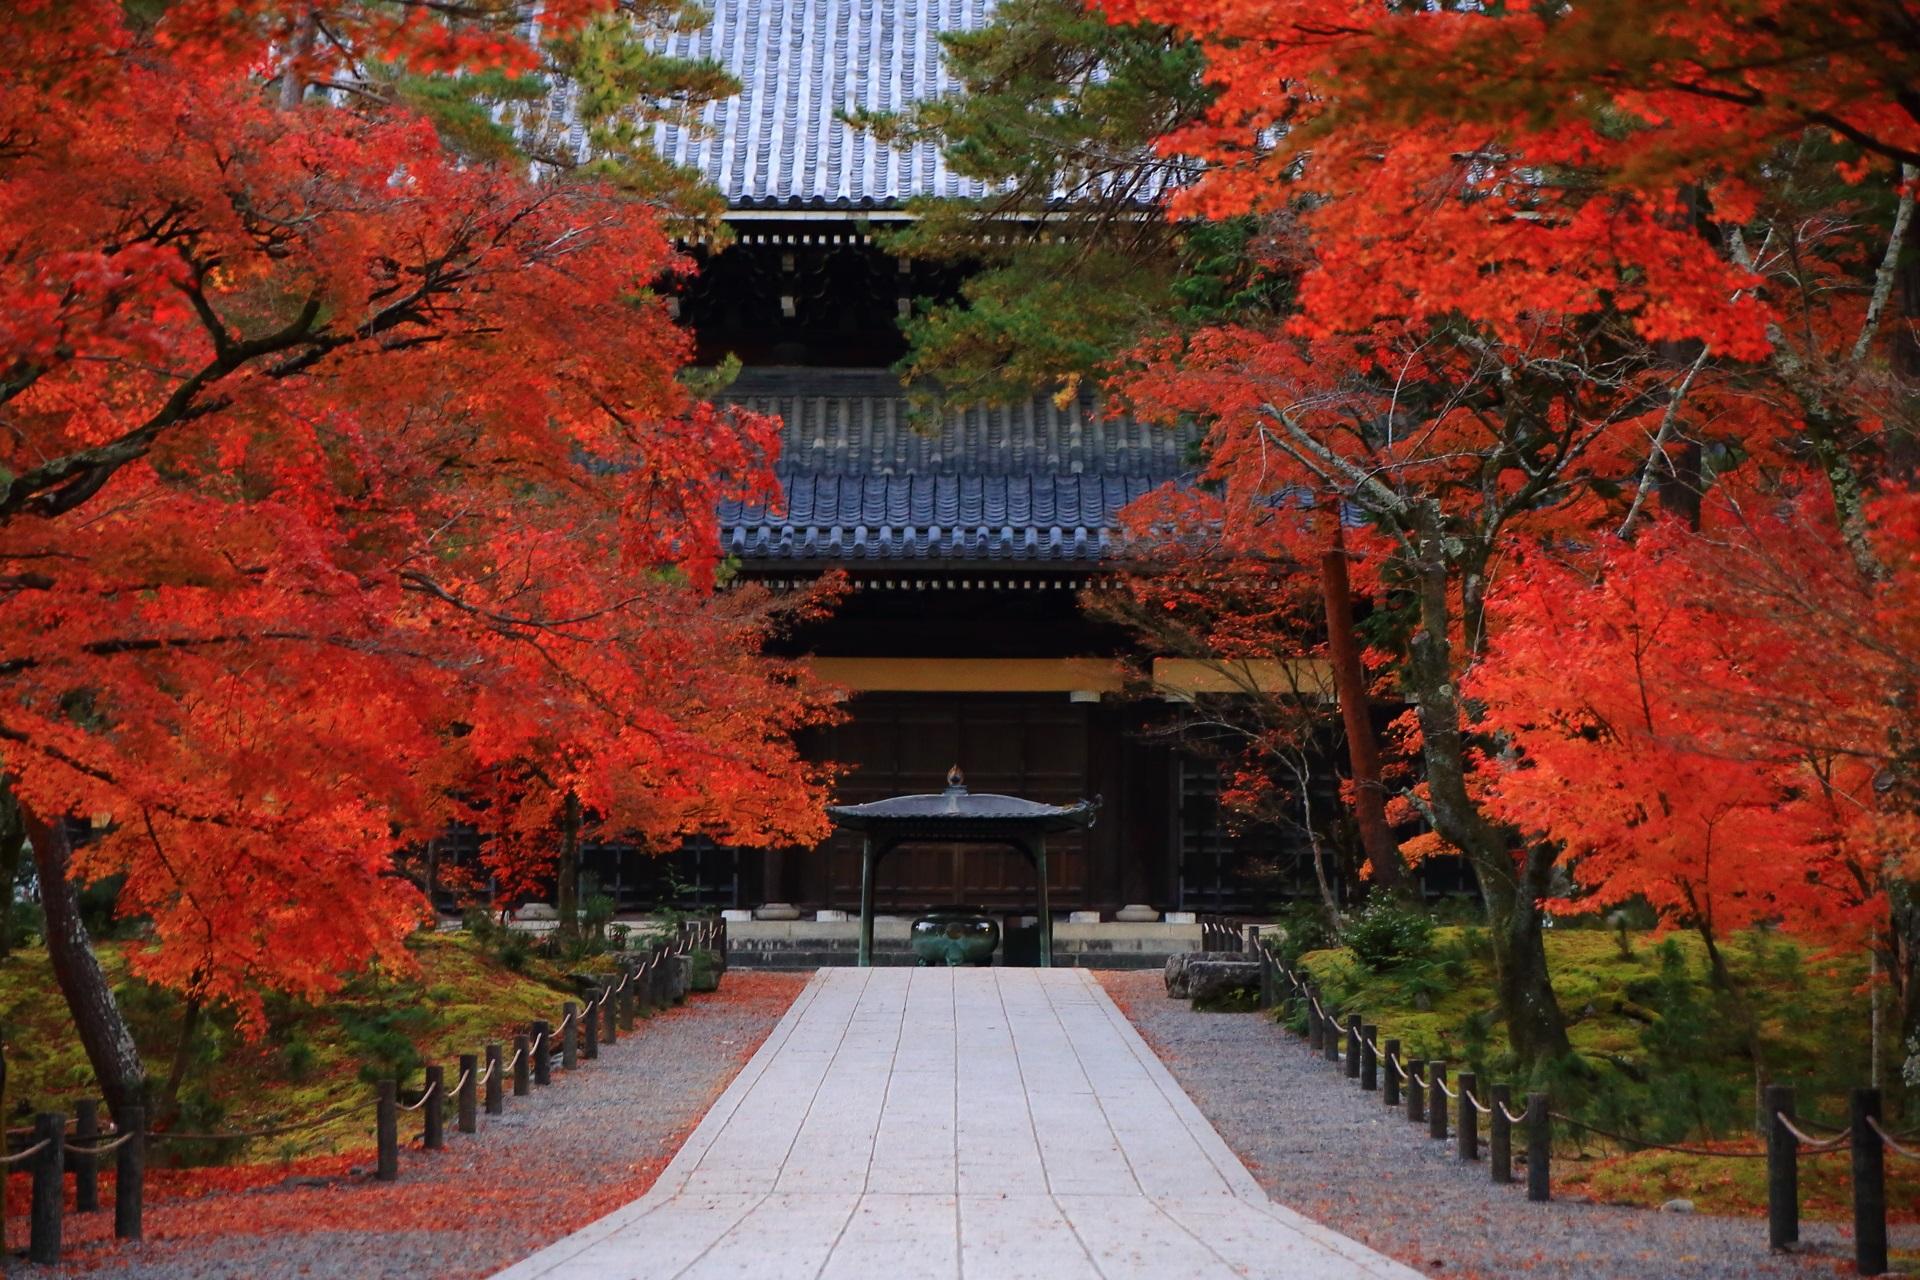 南禅寺の法堂と風情ある参道を彩る極上の紅葉